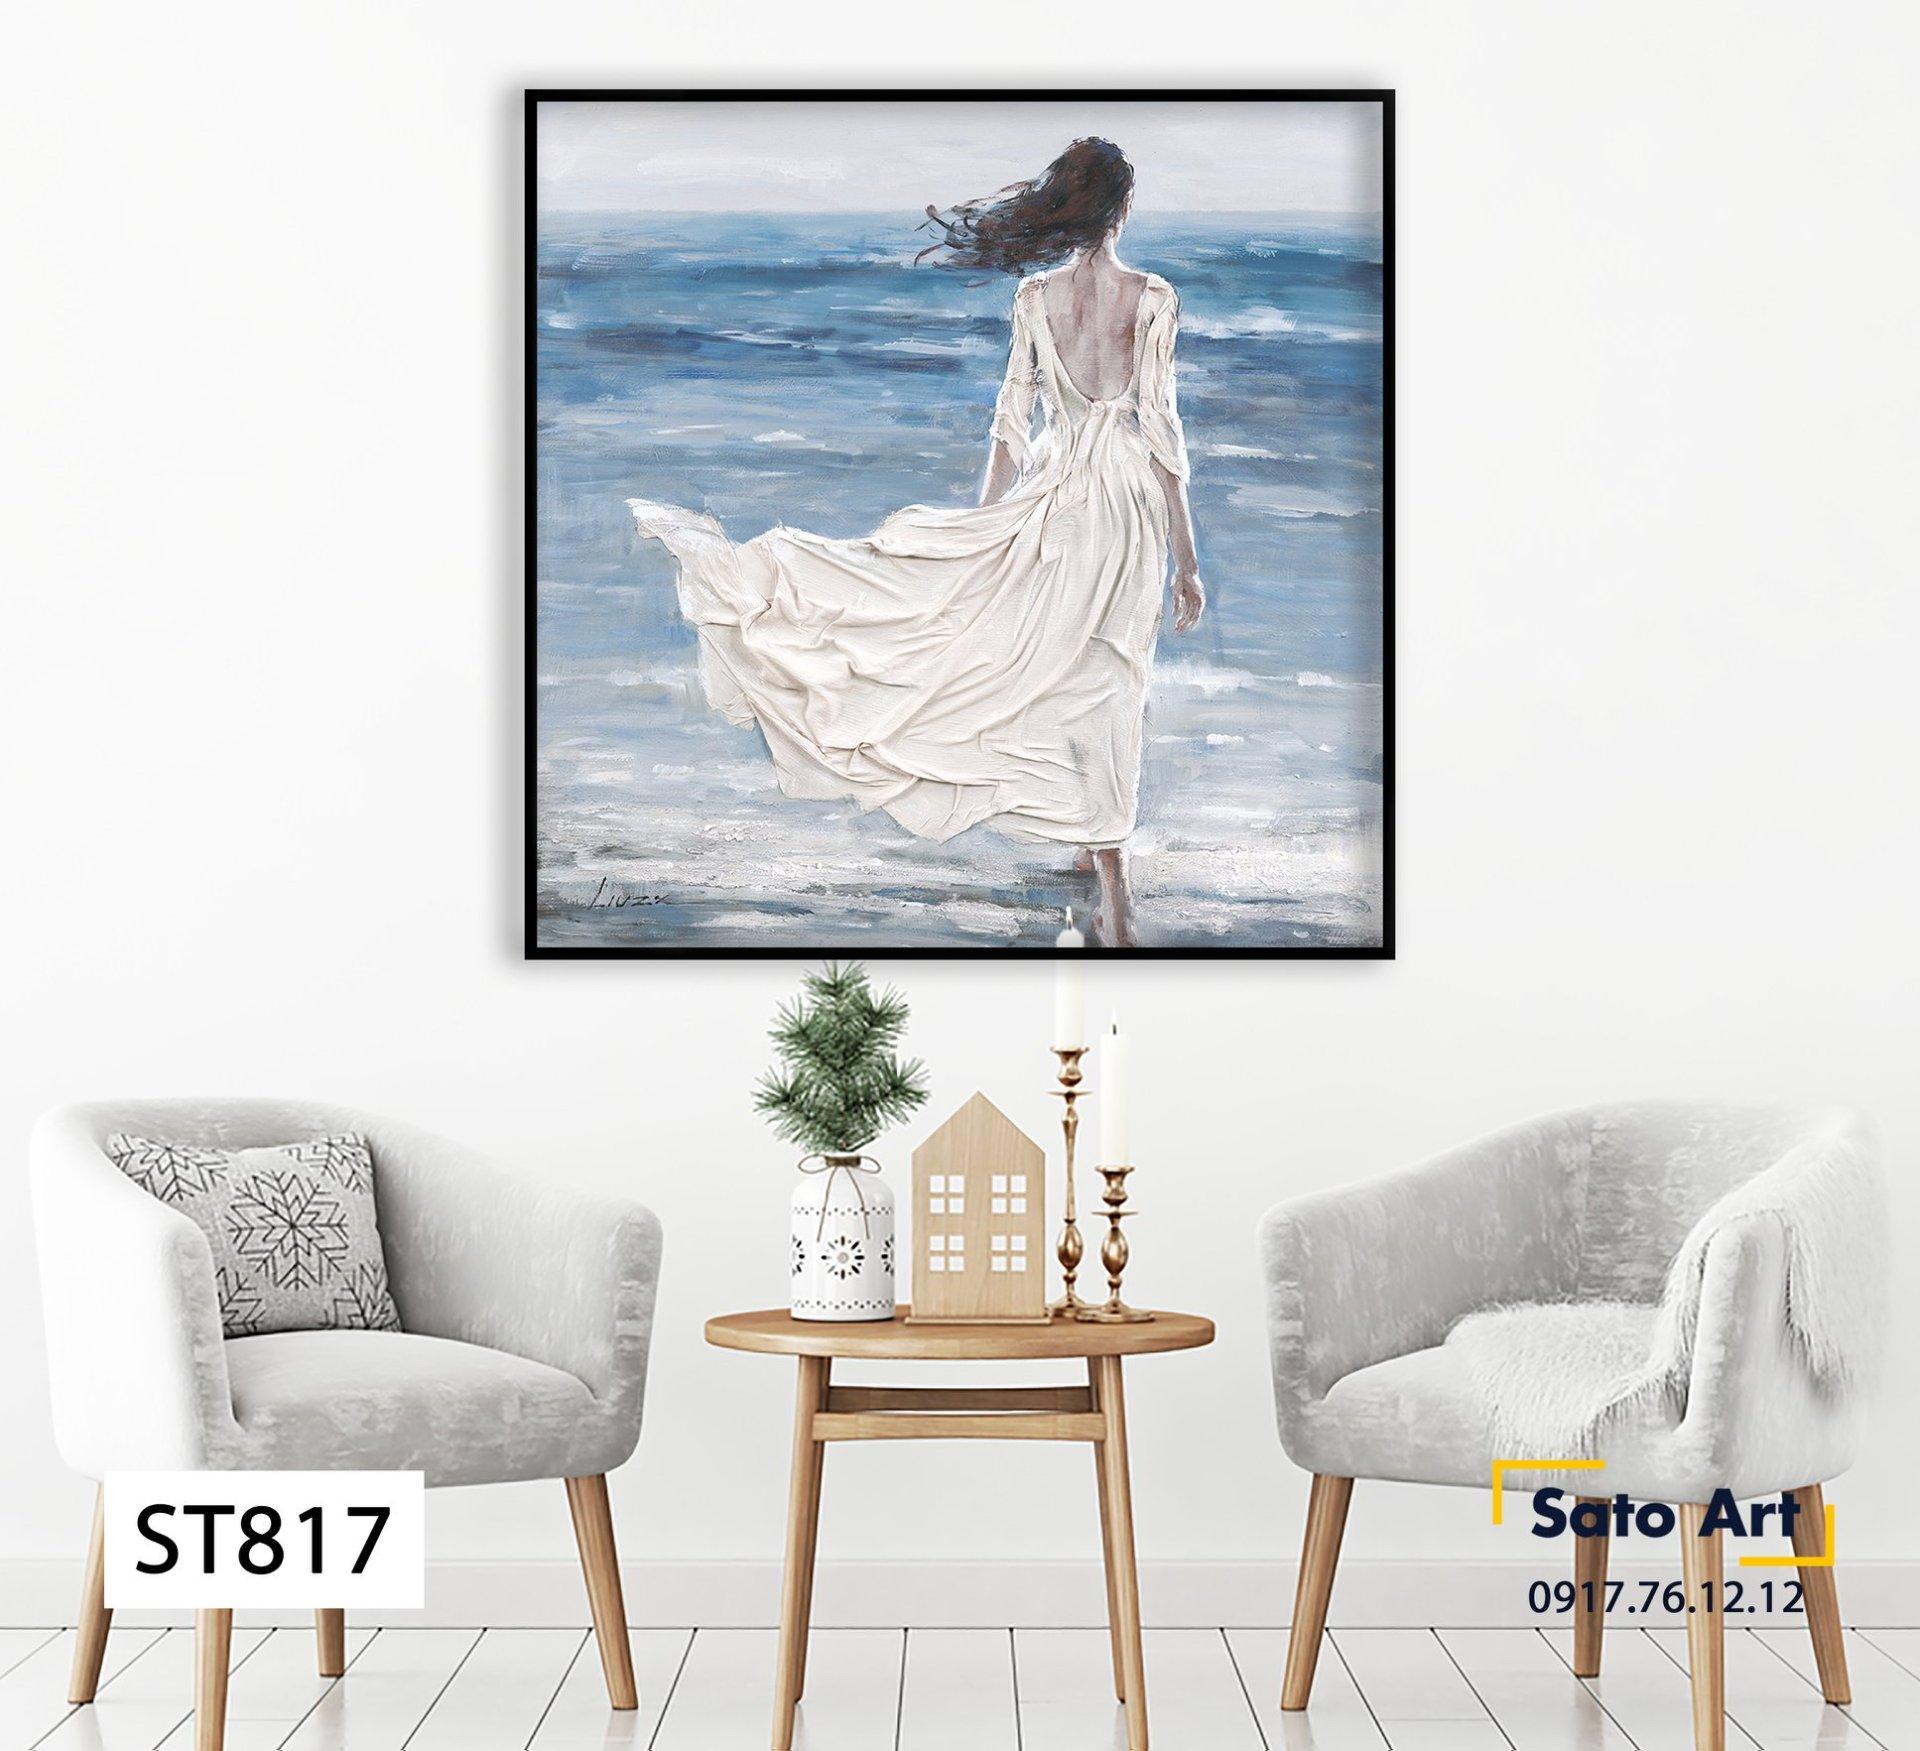 Tranh sơn dầu cô gái bên bờ biển